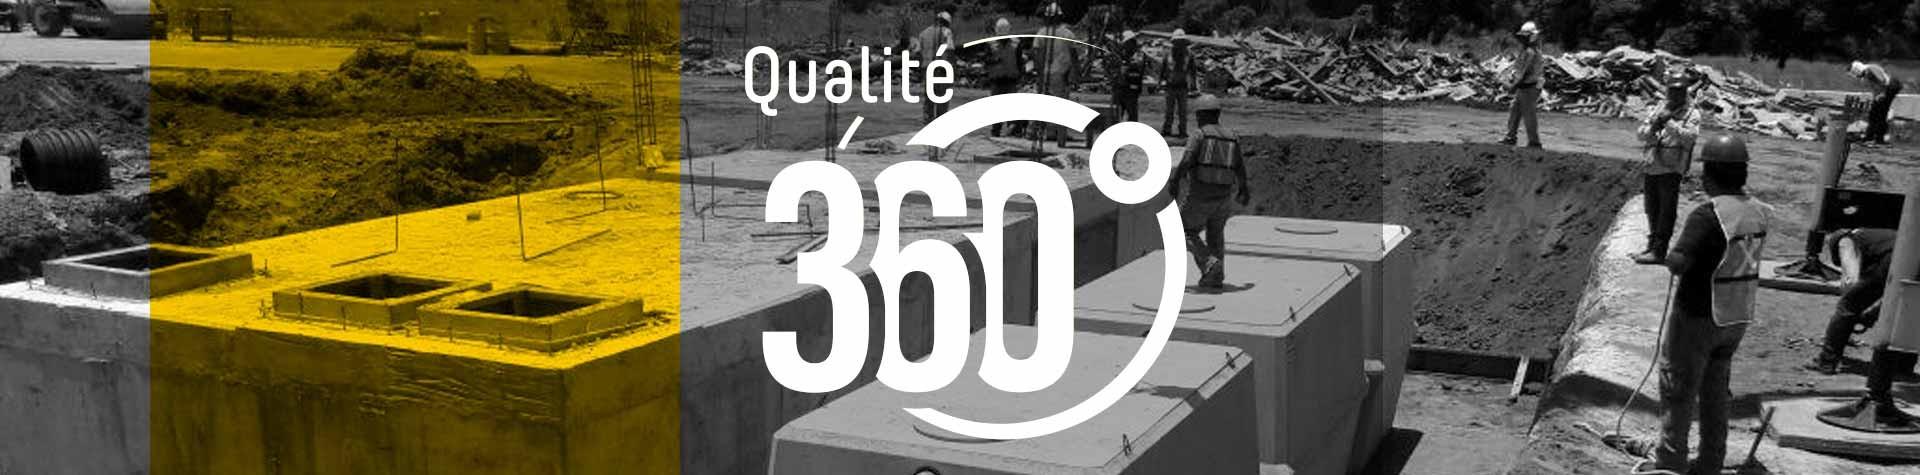 Qualité 360 installation